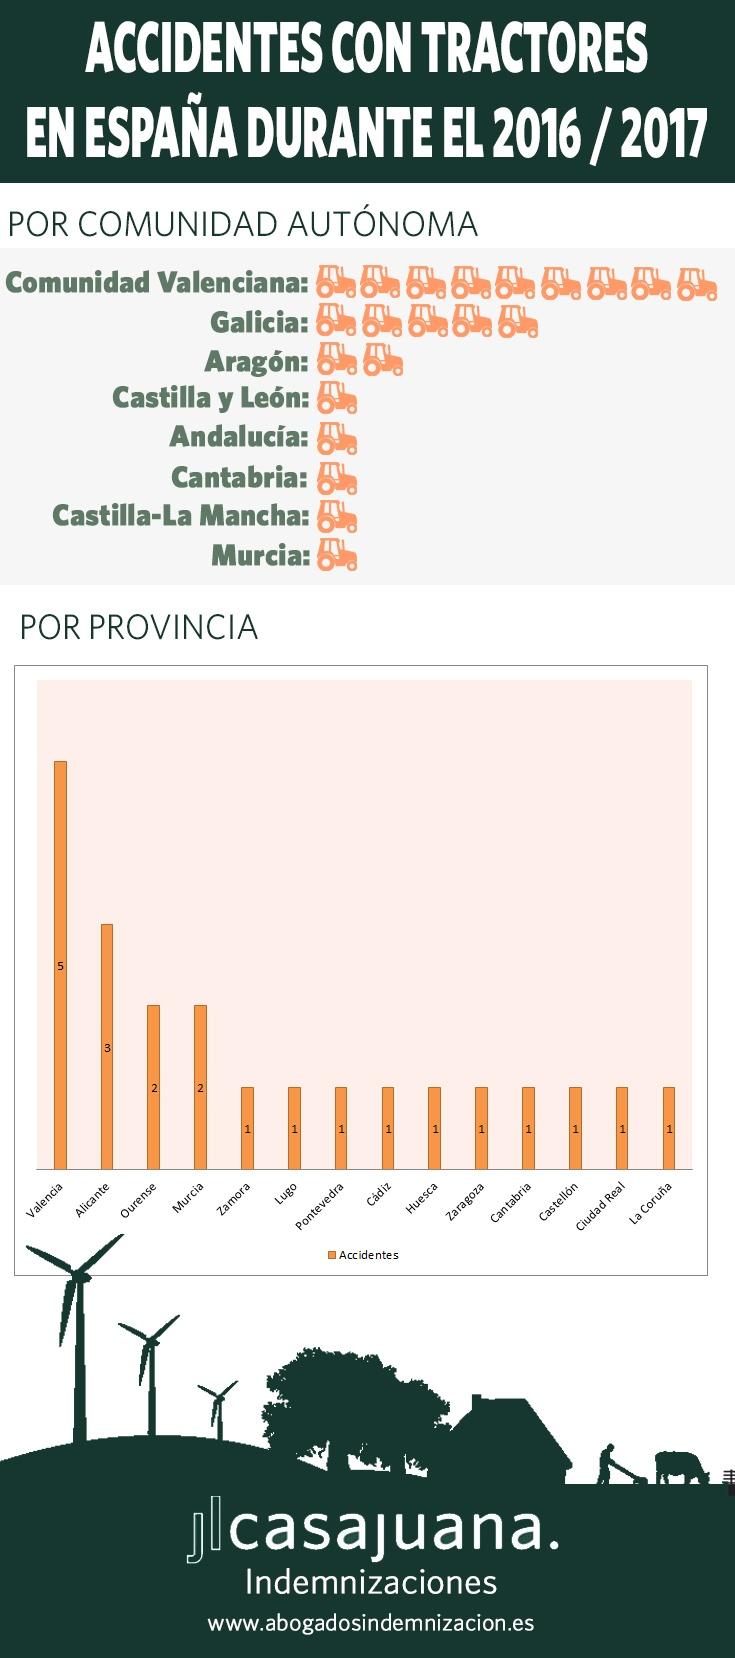 Accidentes con tractores en España durante el 2016 y 2017 - Infografía